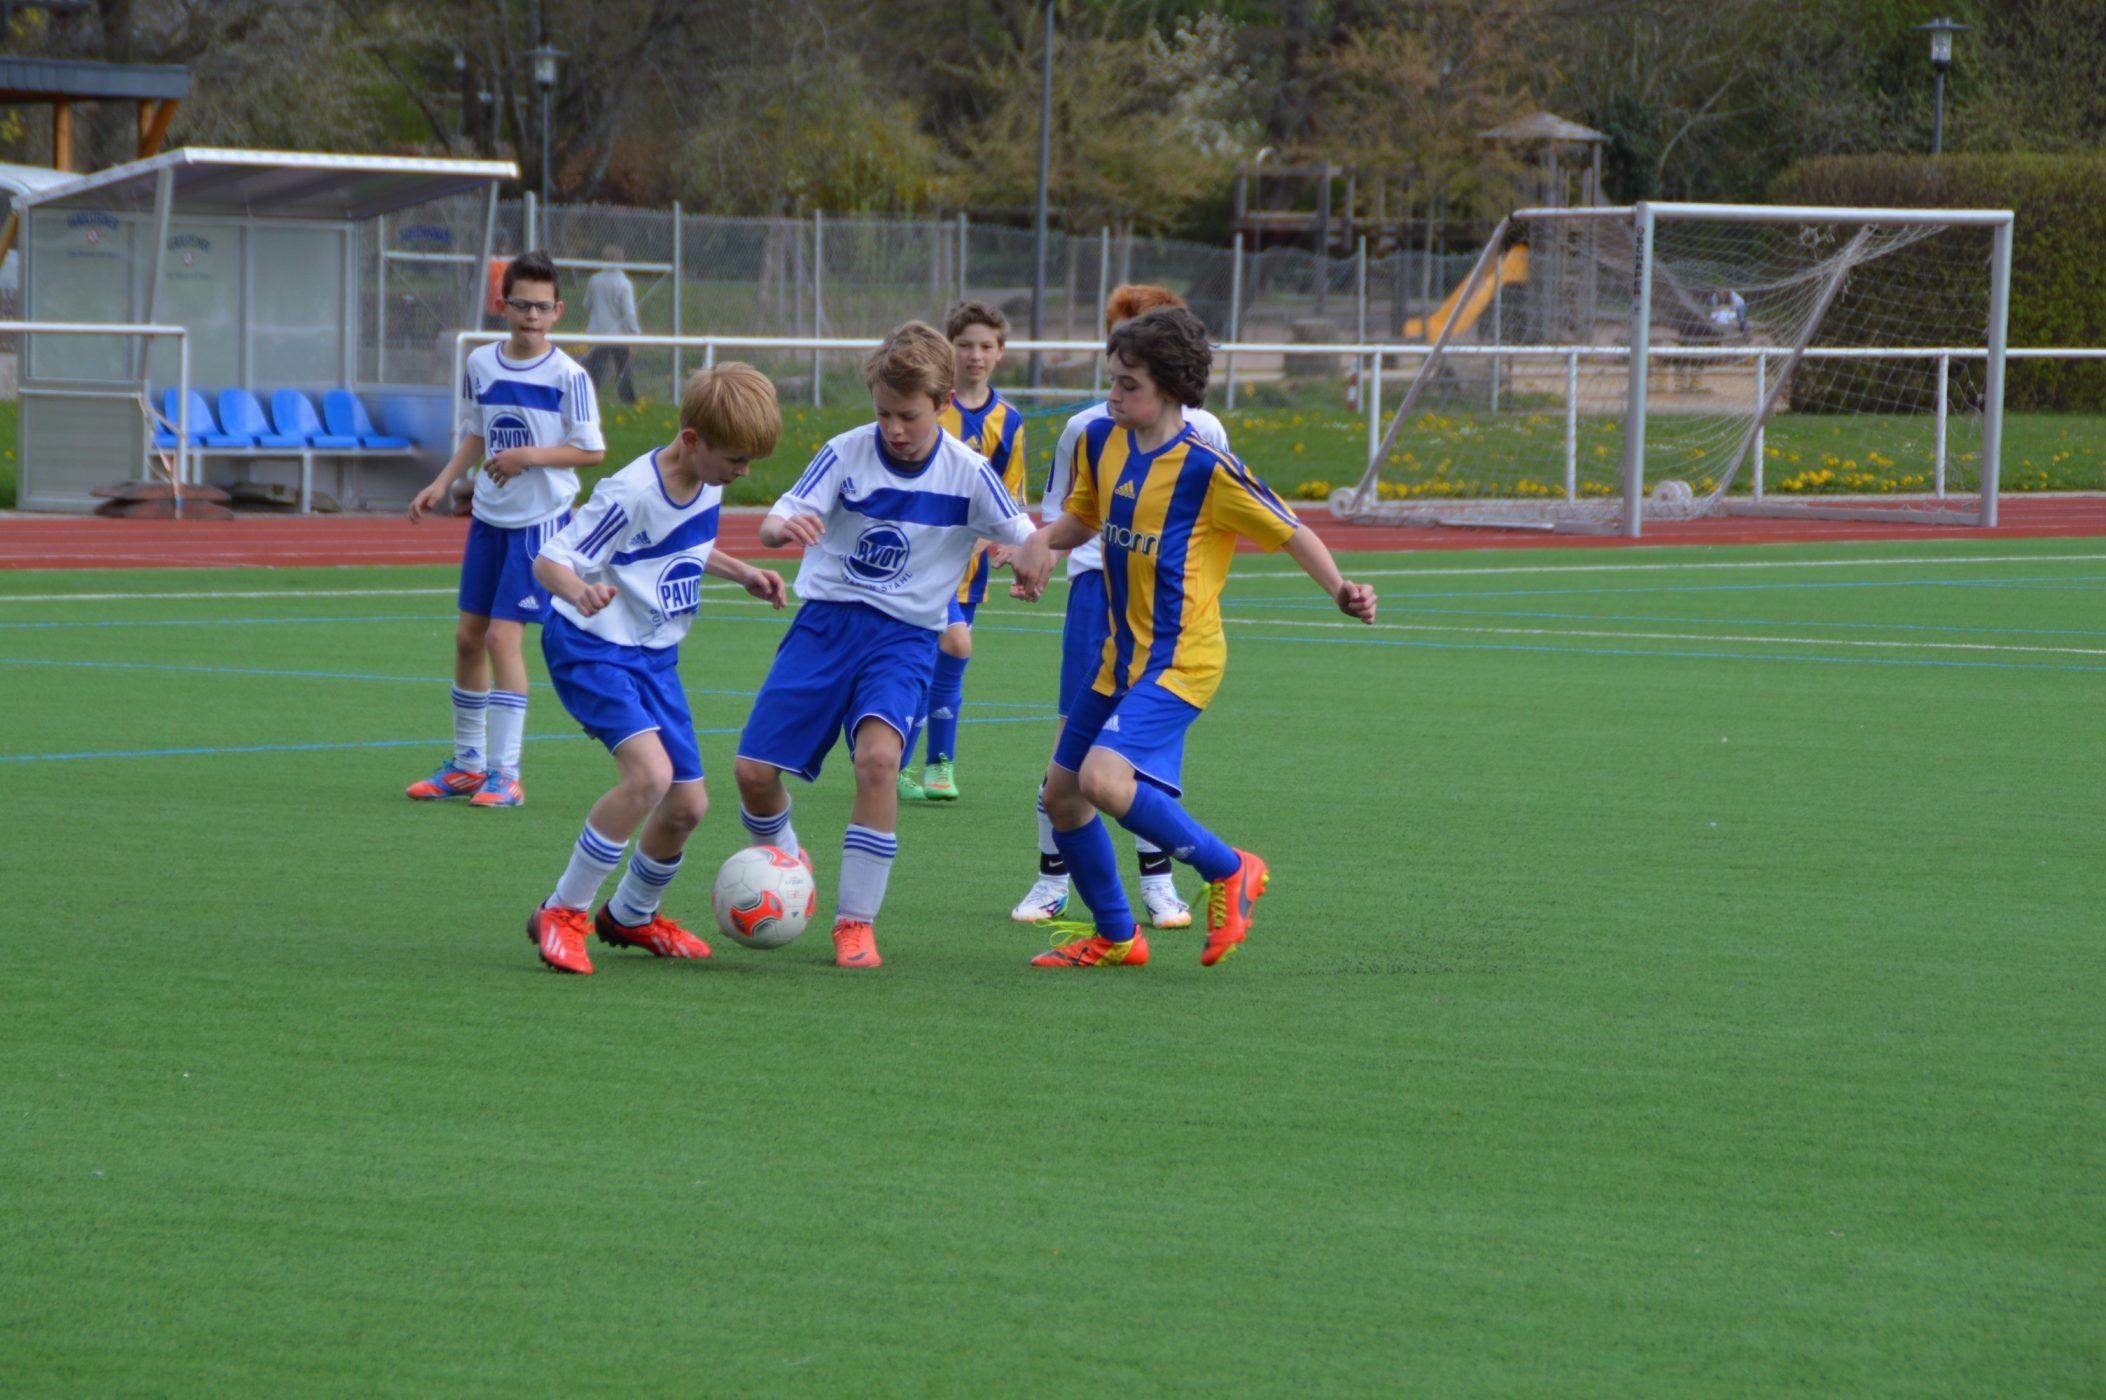 E1 – Niederlage in der Meisterrunde in Hillesheim